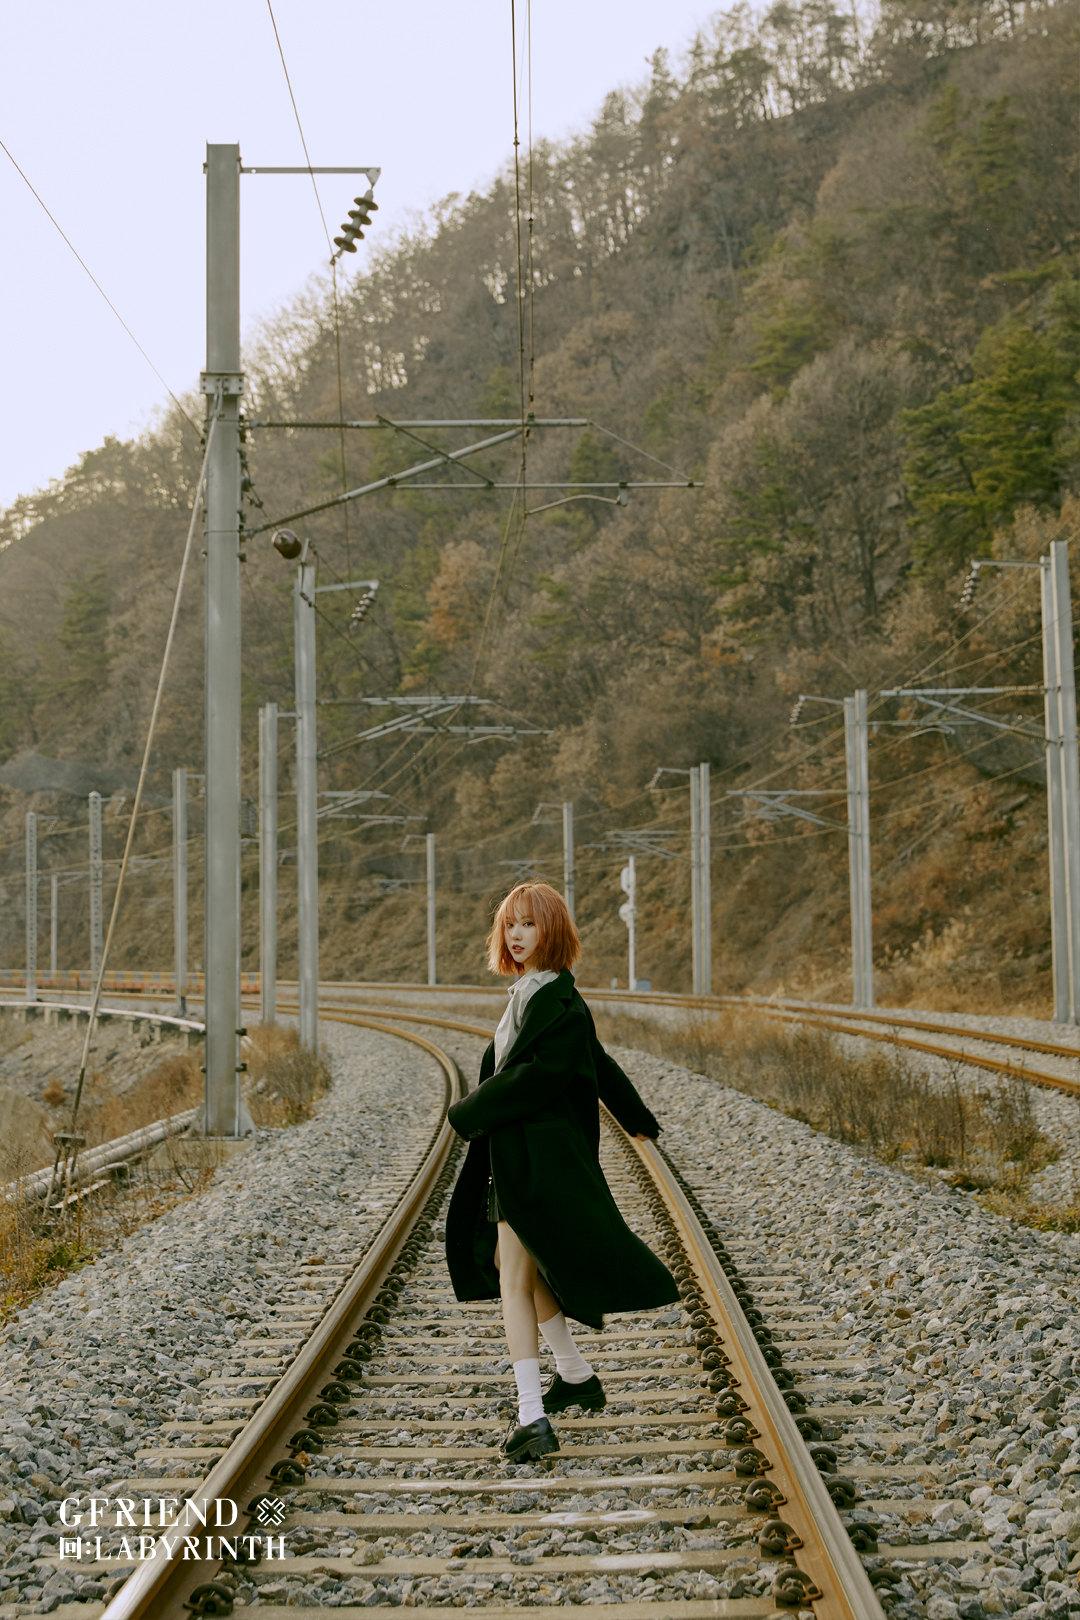 GFRIEND Eunha Labyrinth Teaser